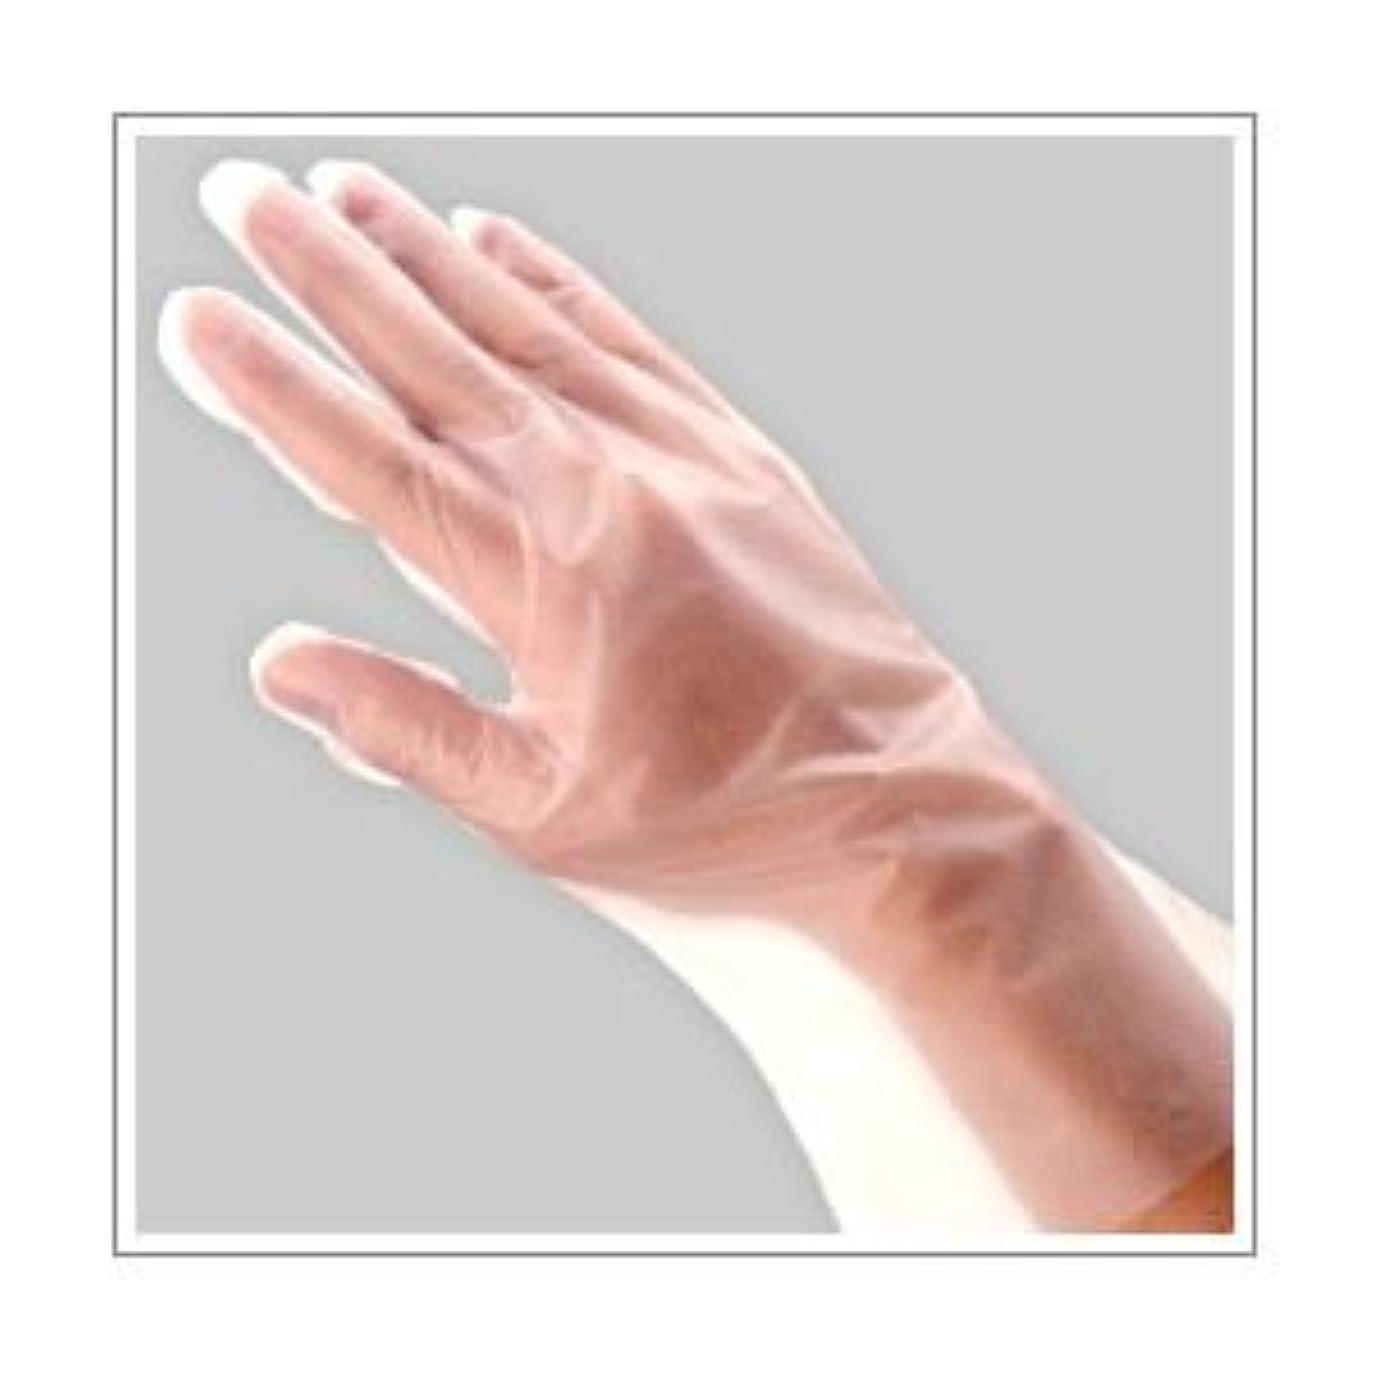 ピュー珍しい一時解雇する福助工業 ポリ手袋 指フィット 100枚パック M ×10セット